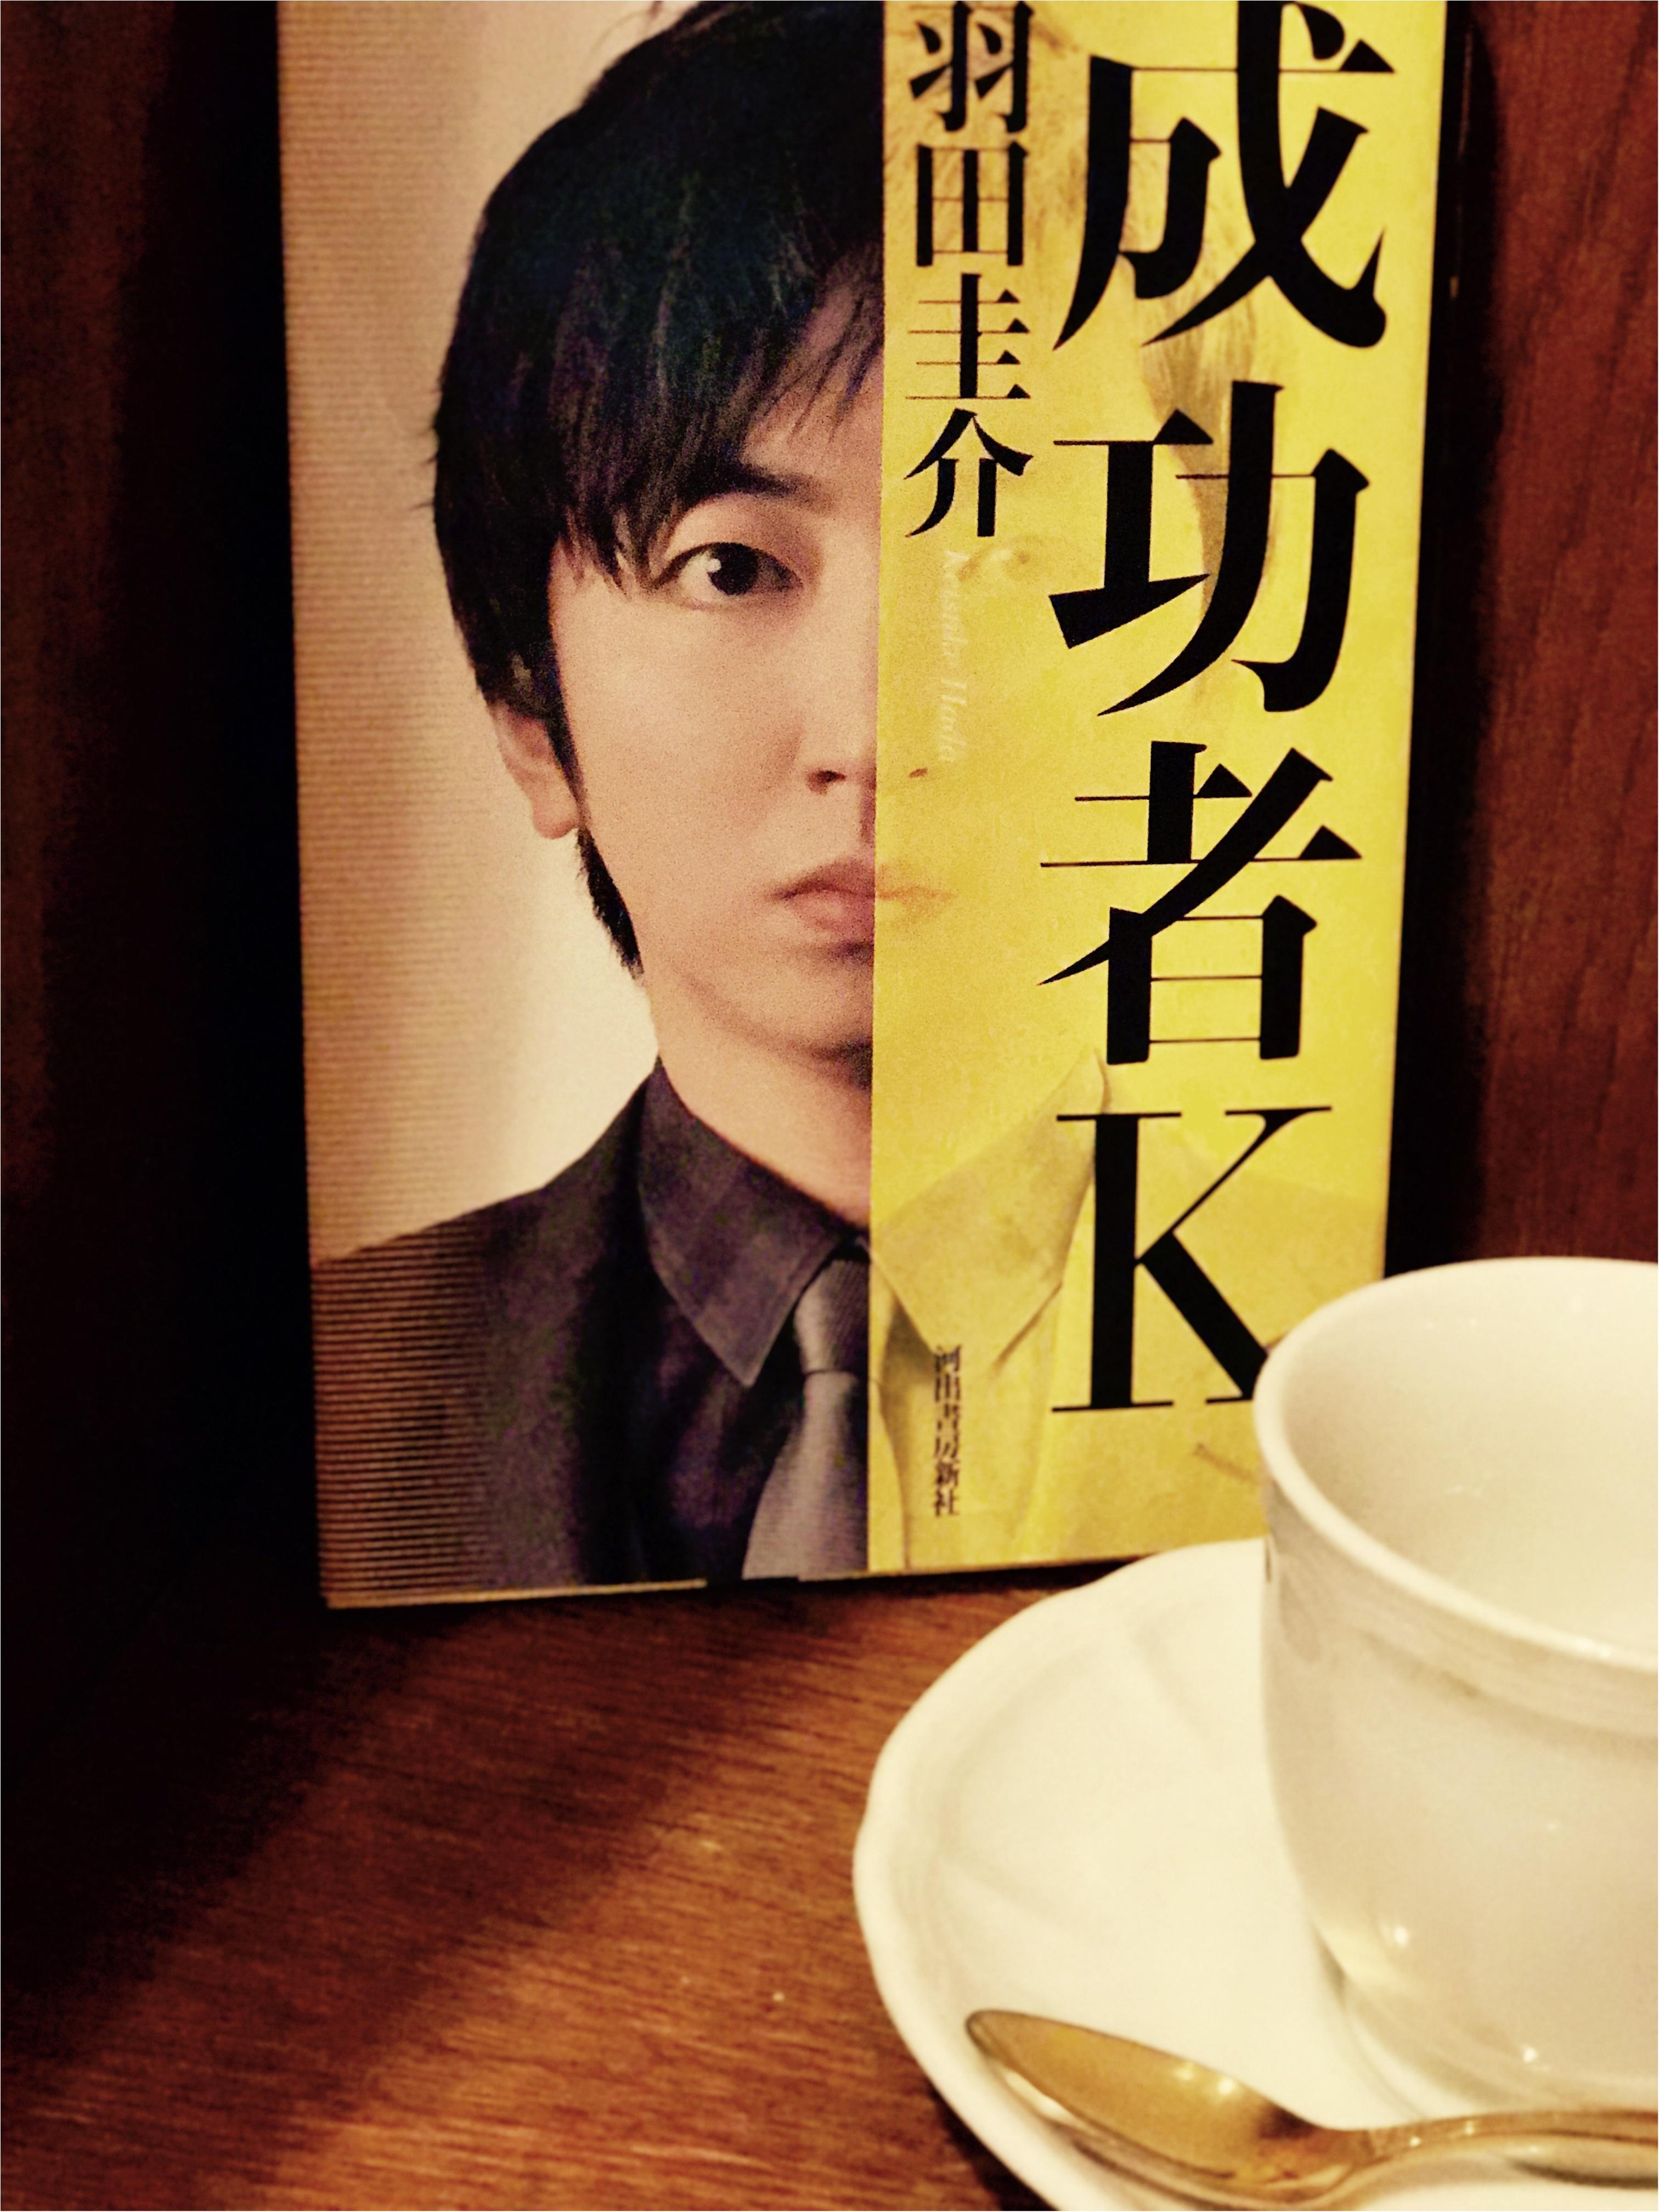 なぜ成功した男に女は惹かれるの? 男の欲望と本音。羽田圭介さんのドキュメンタリーのような小説「成功者K」が刺激的!_1